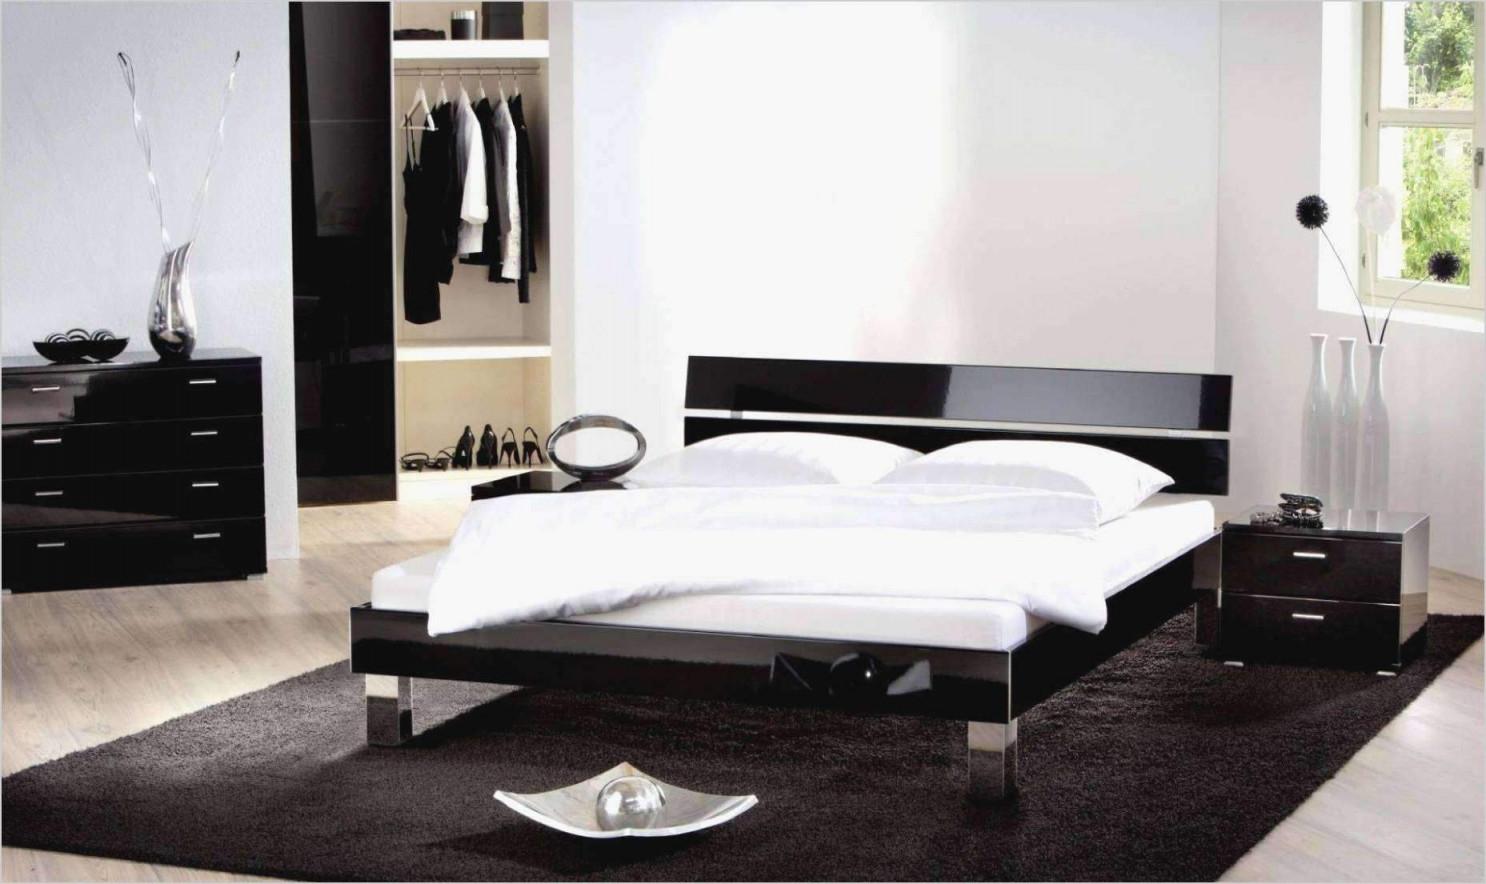 Wohnzimmer Bilder Xxl Das Beste Von 37 Frisch Xxl Lutz von Wohnzimmer Lampe Xxl Lutz Photo